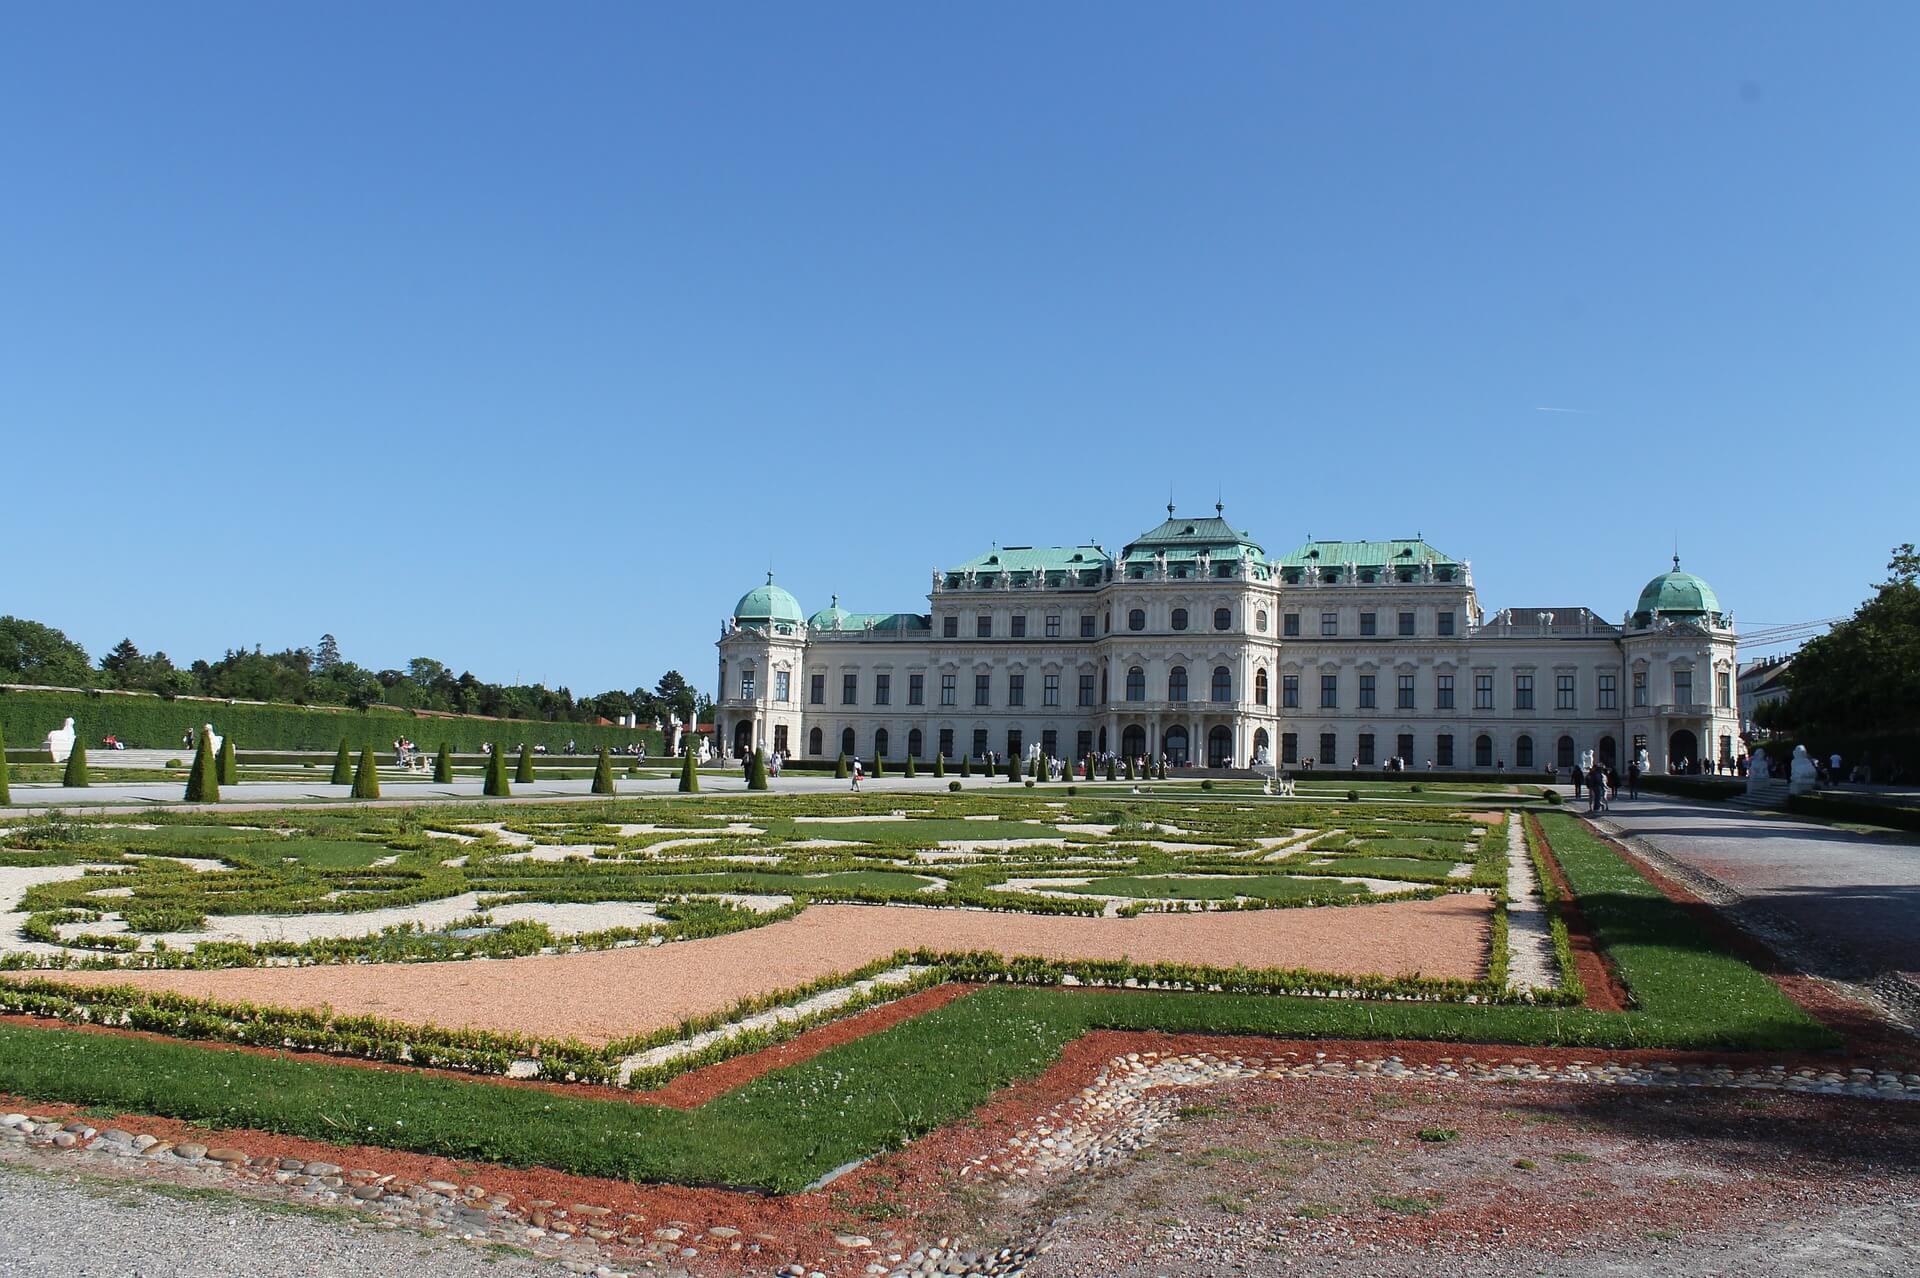 qué ver en Viena Palacio Belvedere